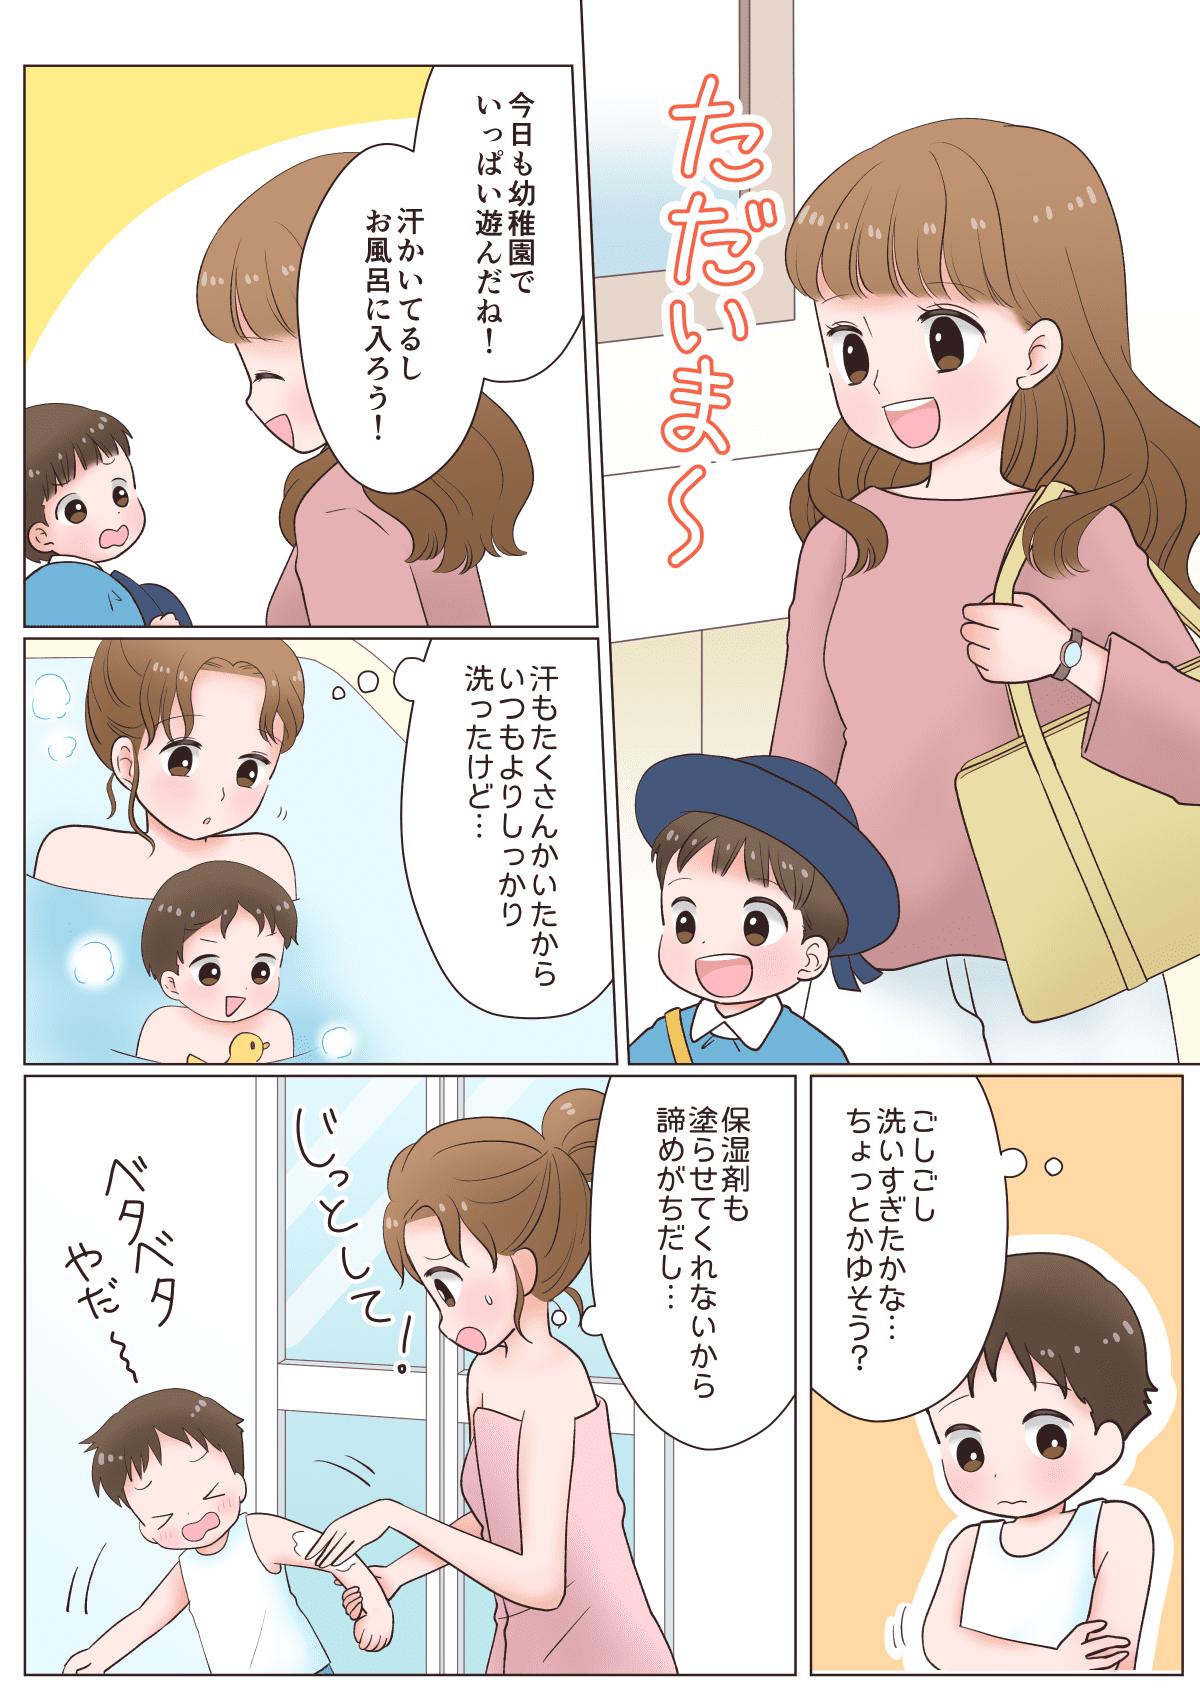 【修正】ミノン様-1(1)